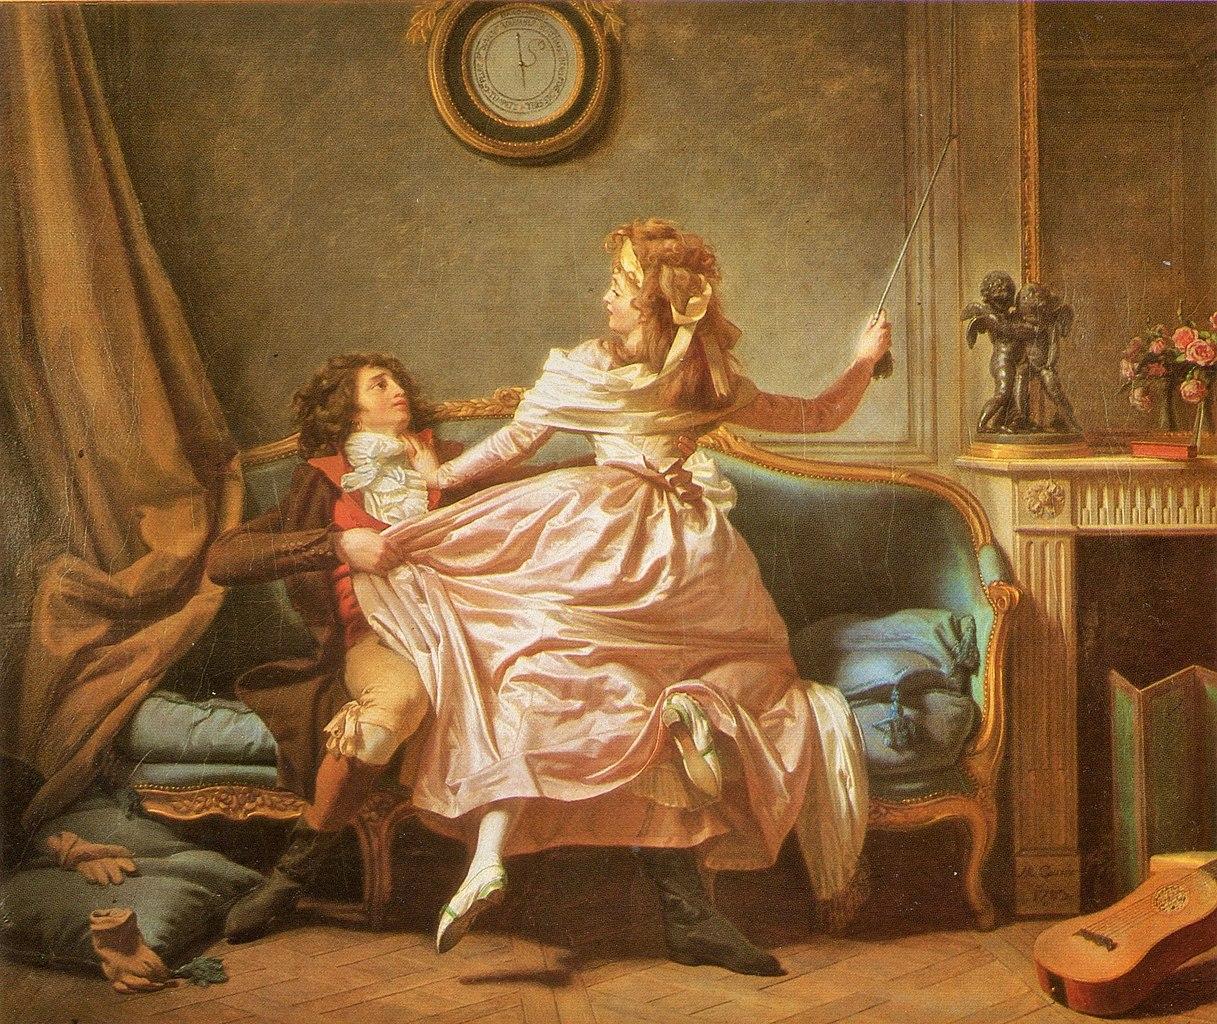 Michel Garnier 1793 La douce résistance 55 x 45